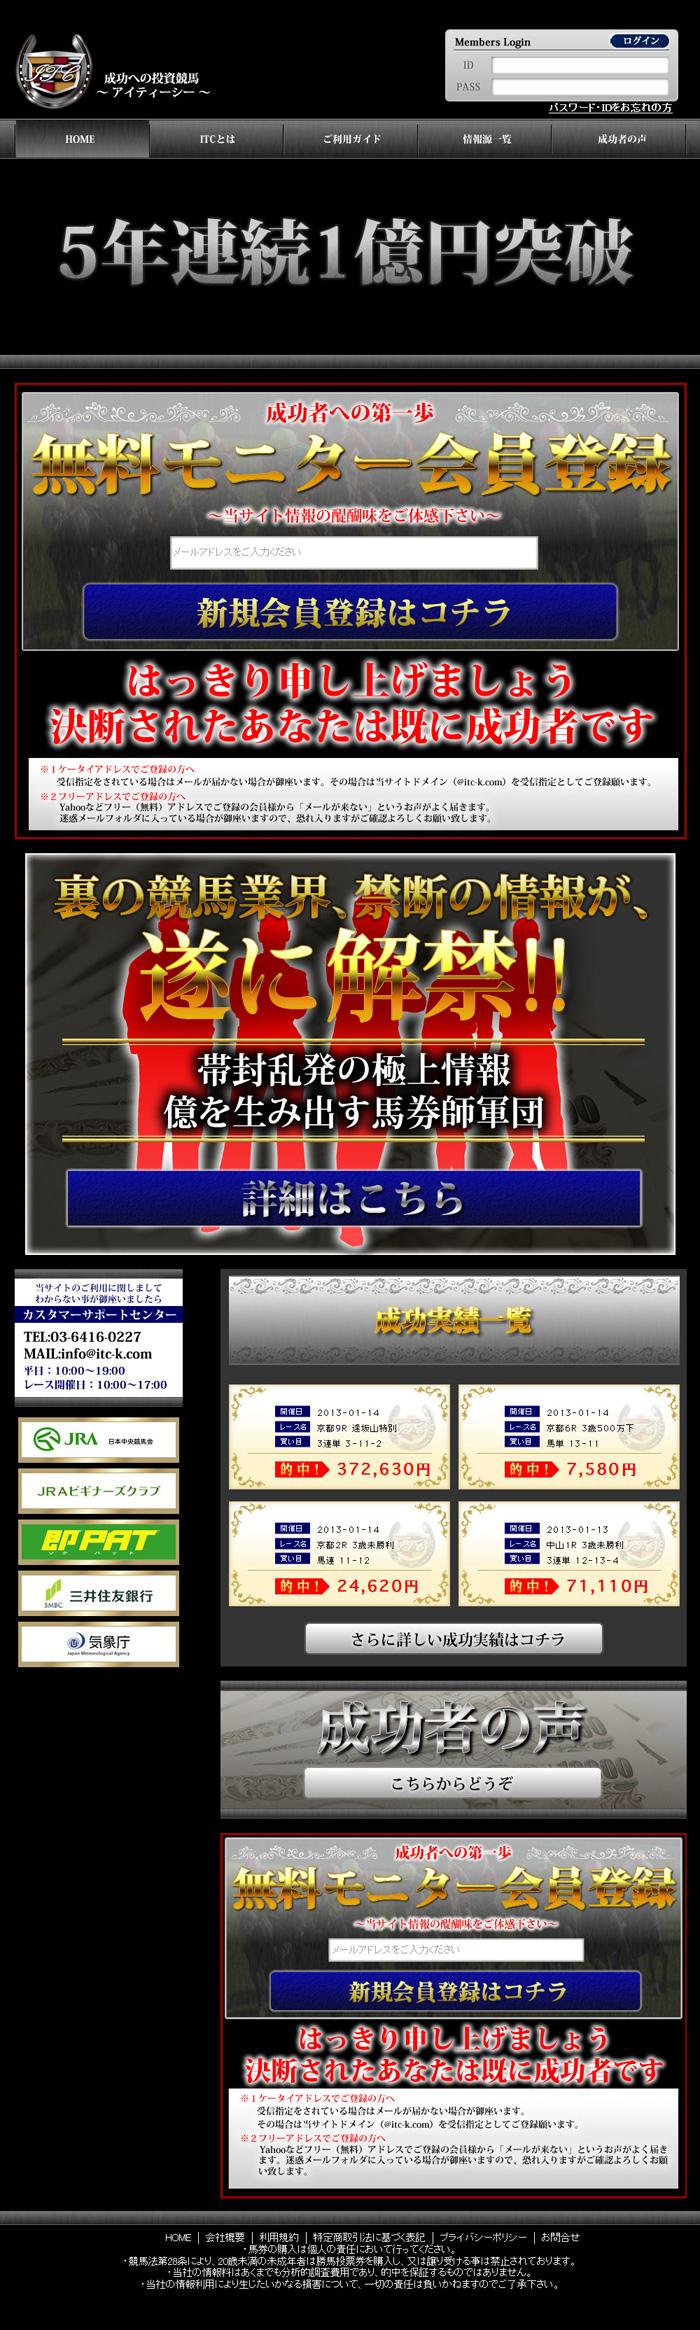 ITC~アイティーシー~成功への投資競馬